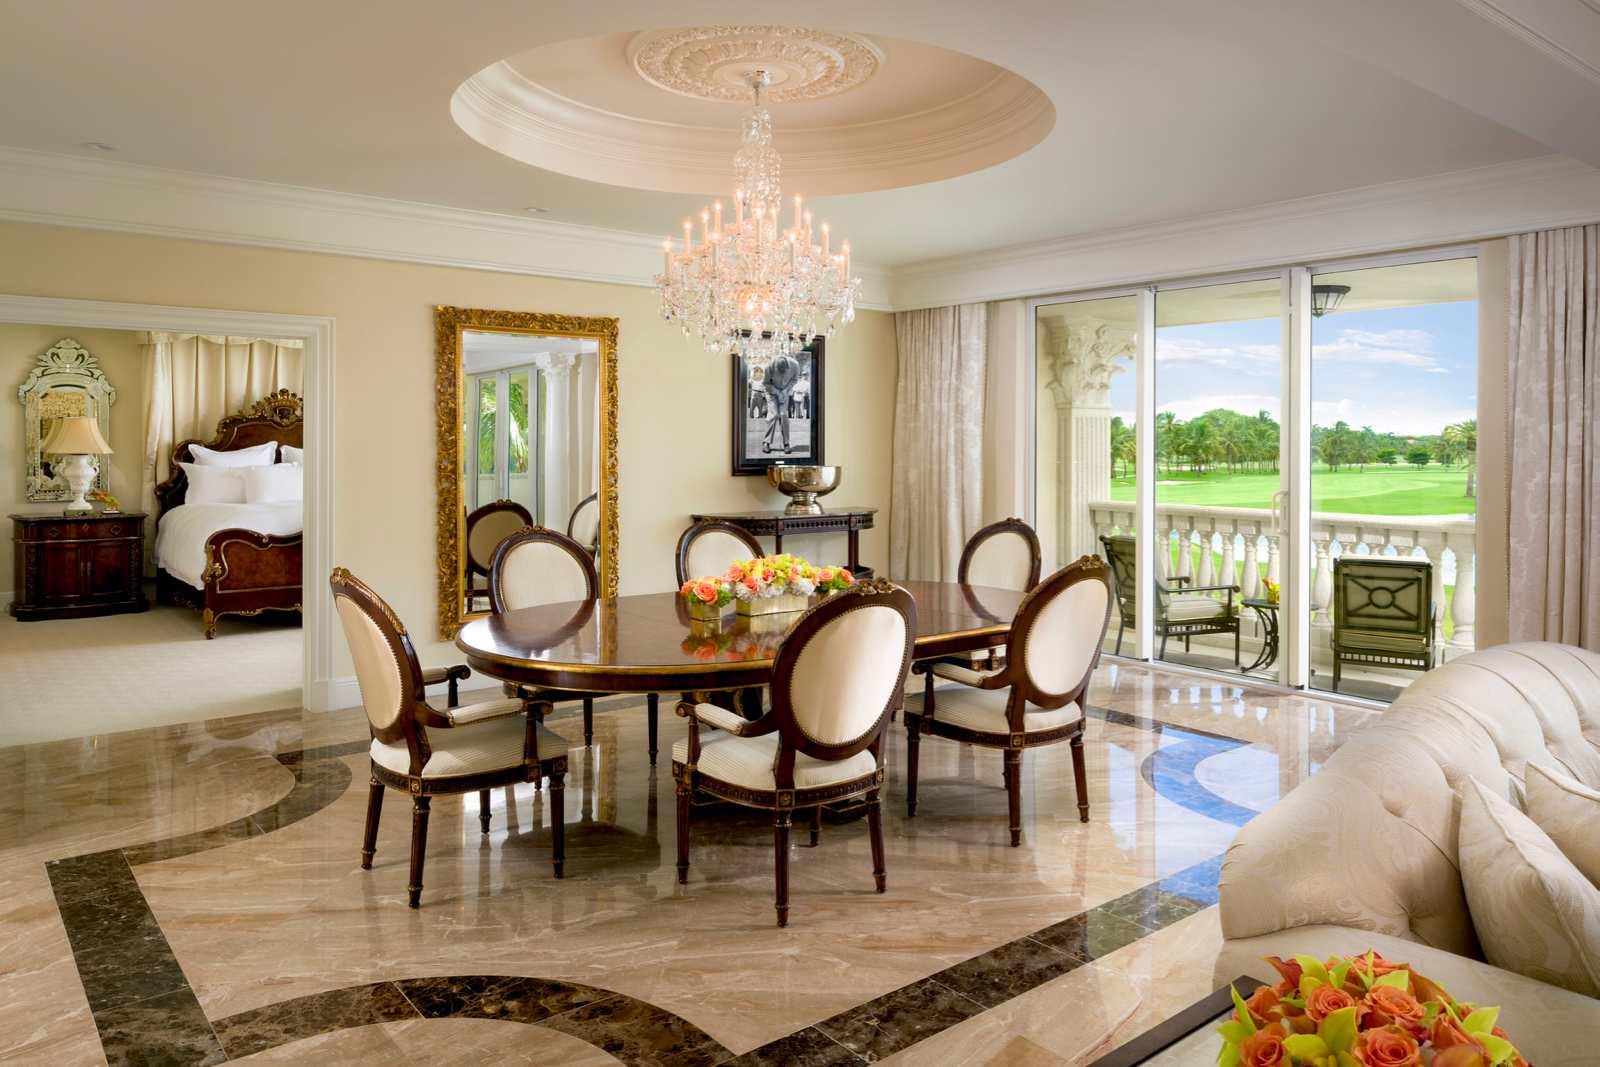 Trump National Doral Hotel in Miami